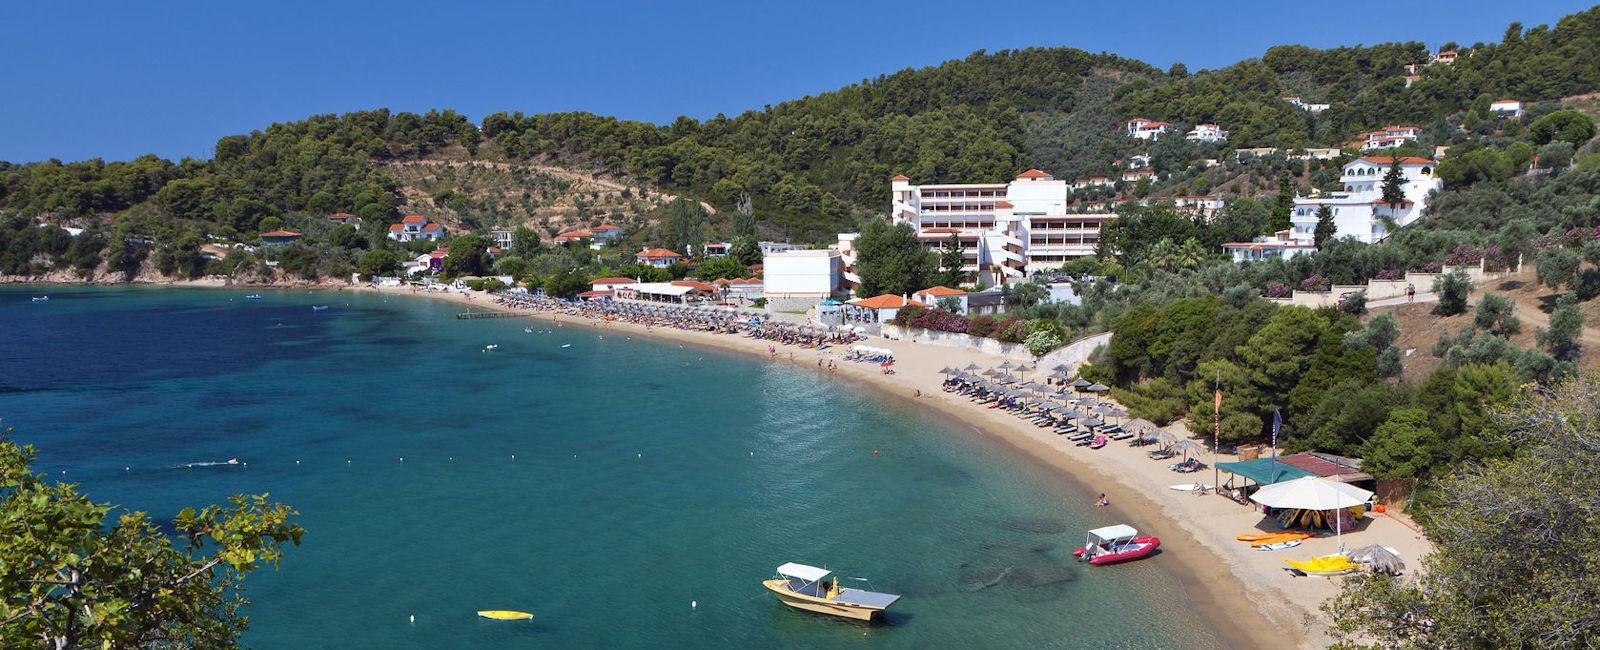 vasilias beach, skiathos